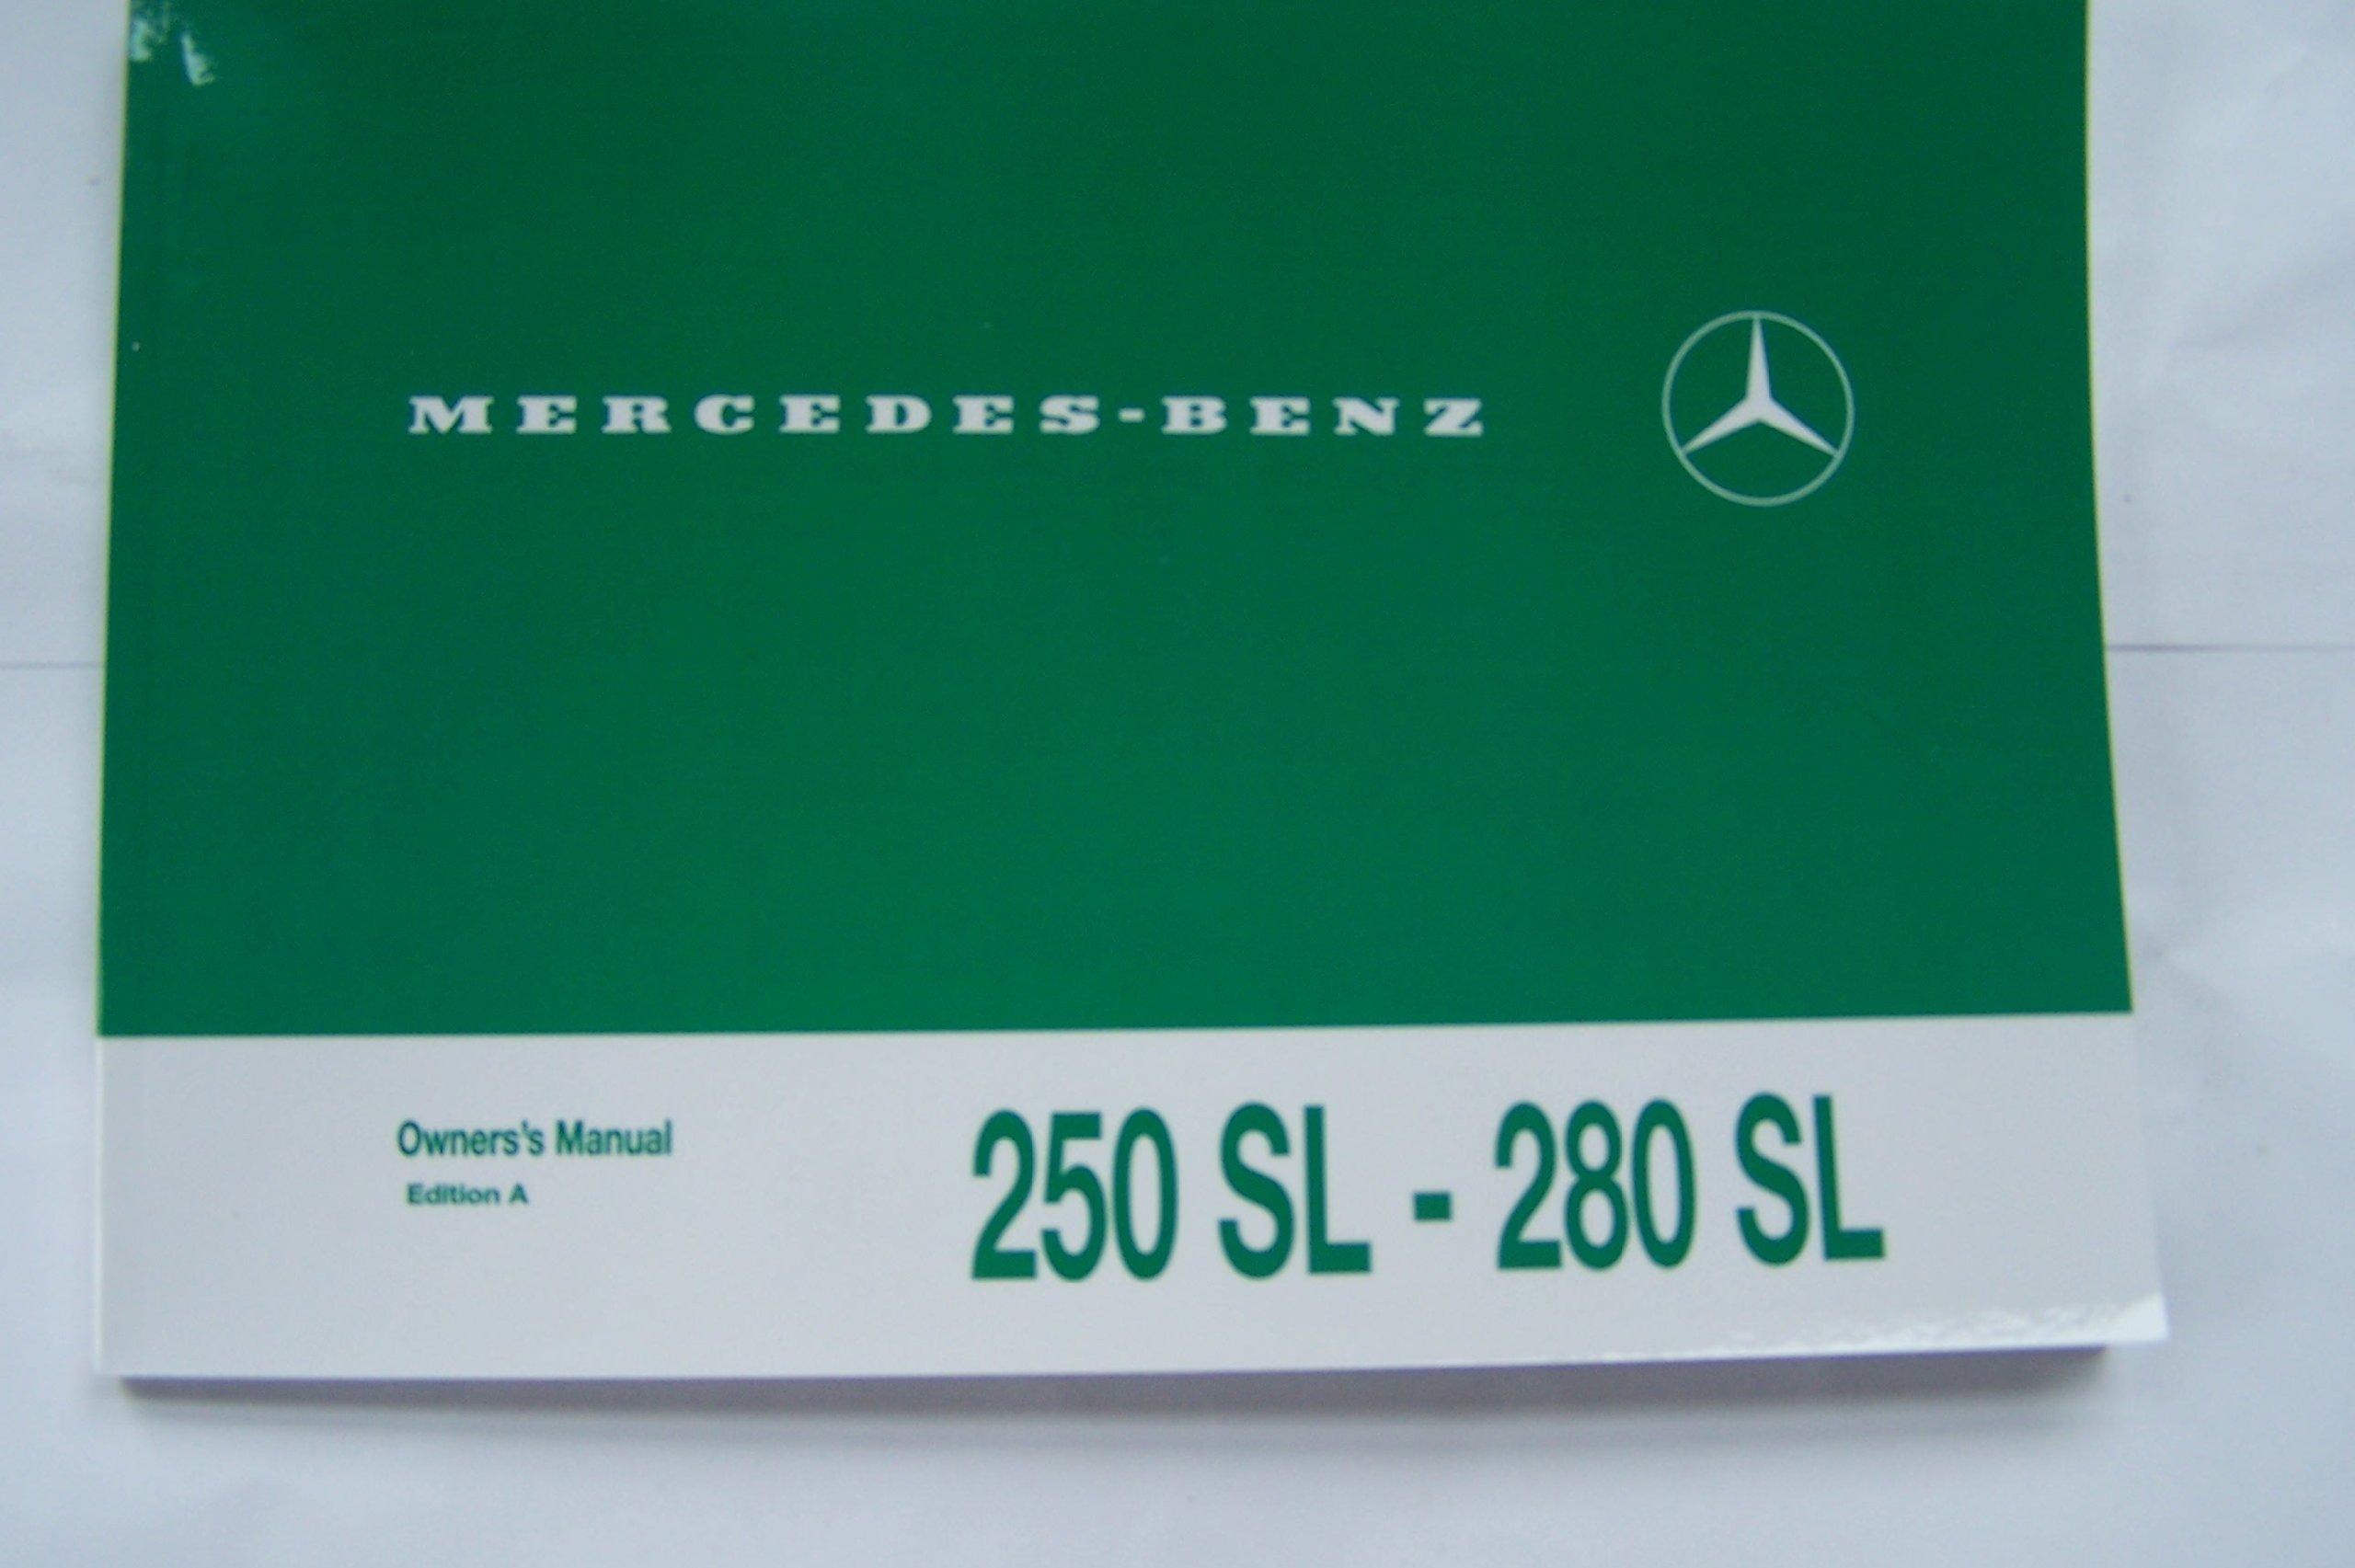 Mercedes Benz 280sl Wiring Diagram. Mercedes-benz 450sl ... on